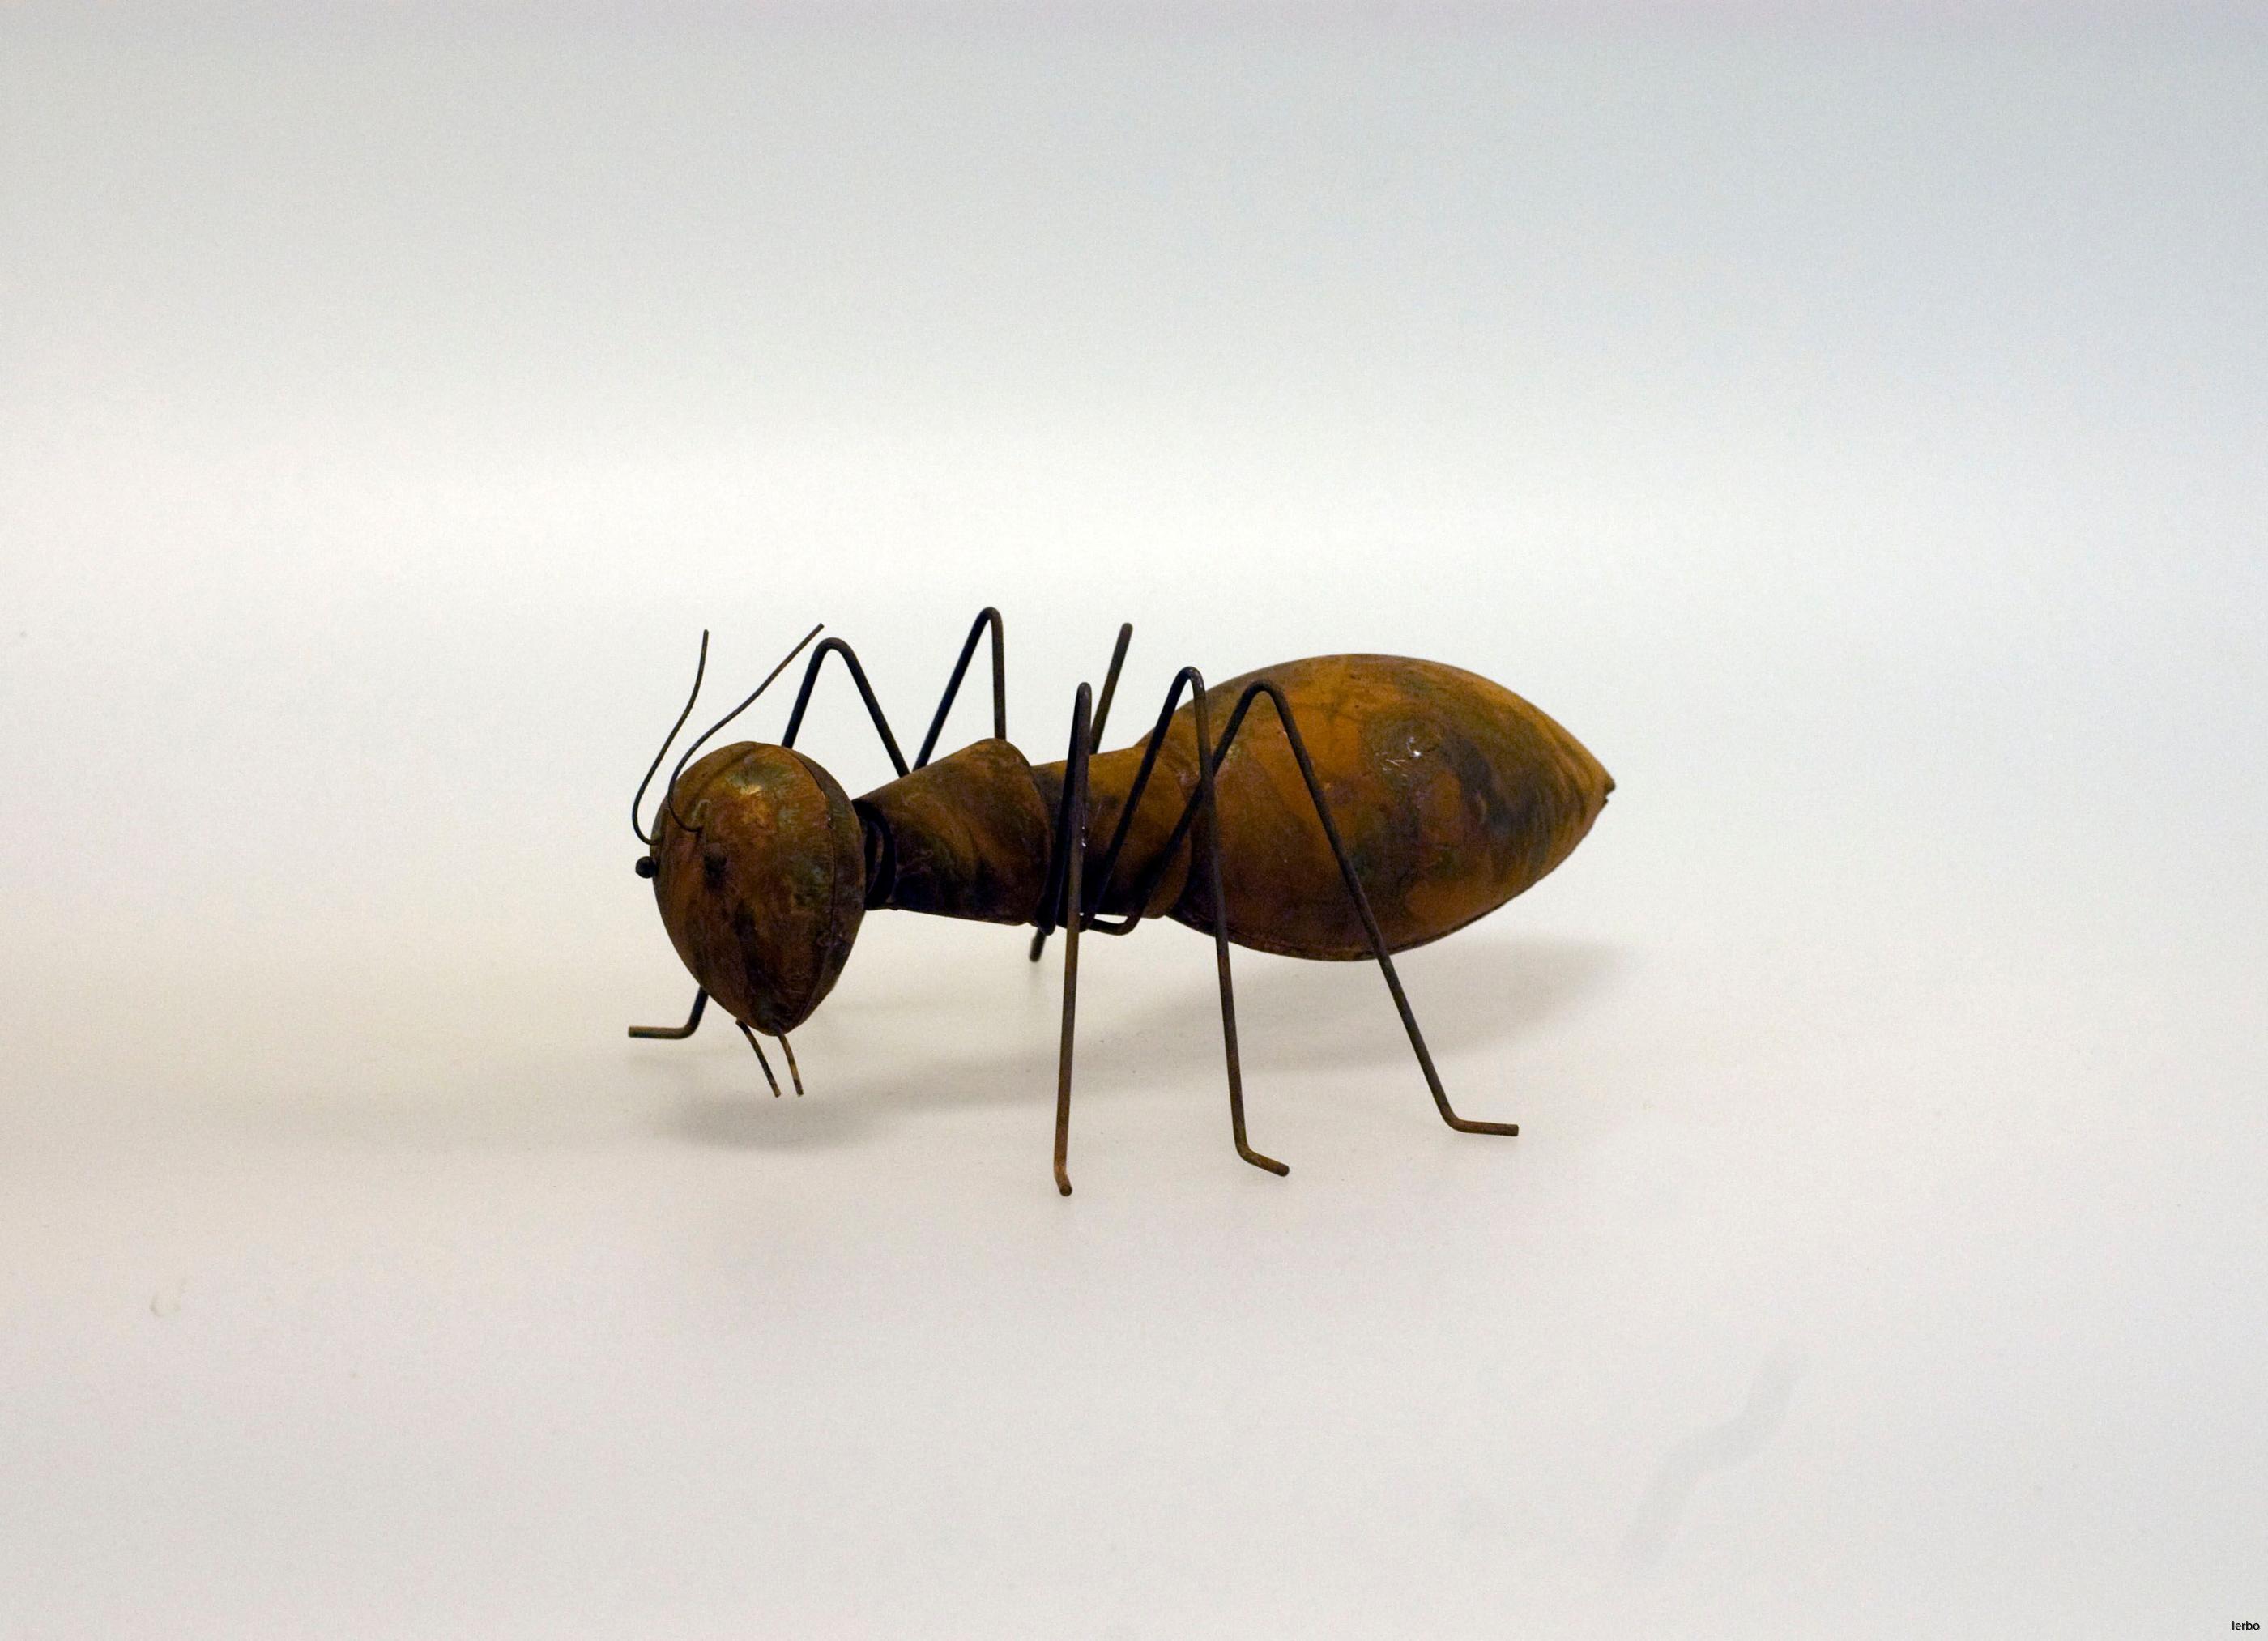 rostig liten myra